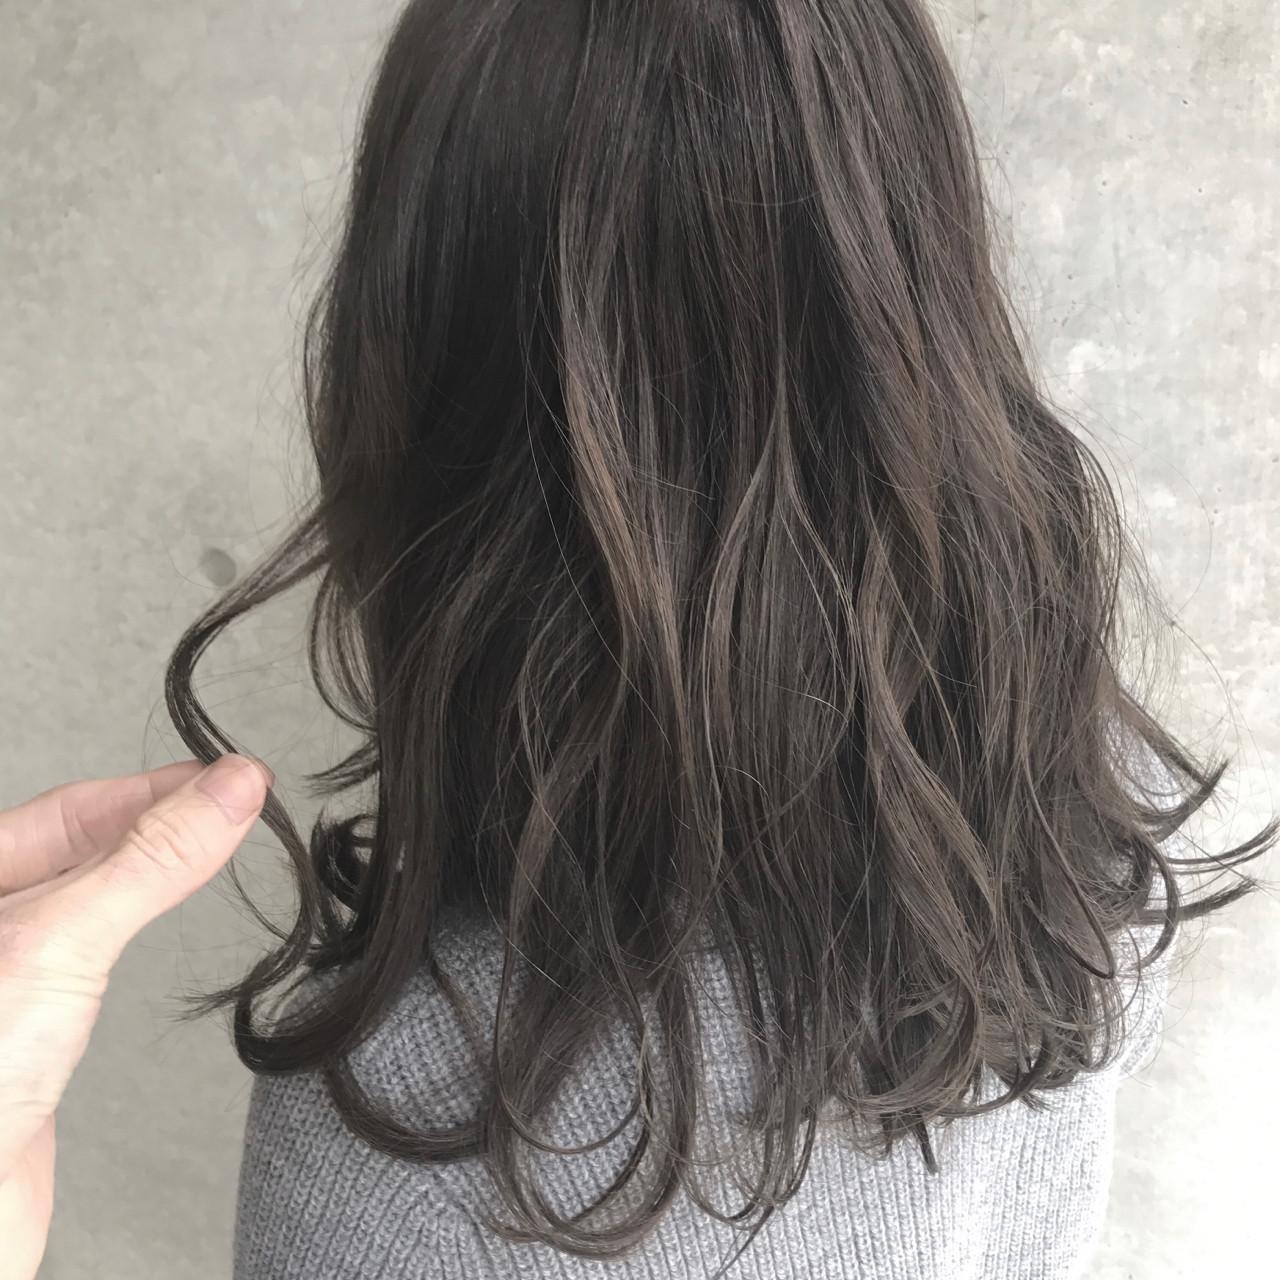 ナチュラル ミディアム インナーカラー 大人かわいい ヘアスタイルや髪型の写真・画像